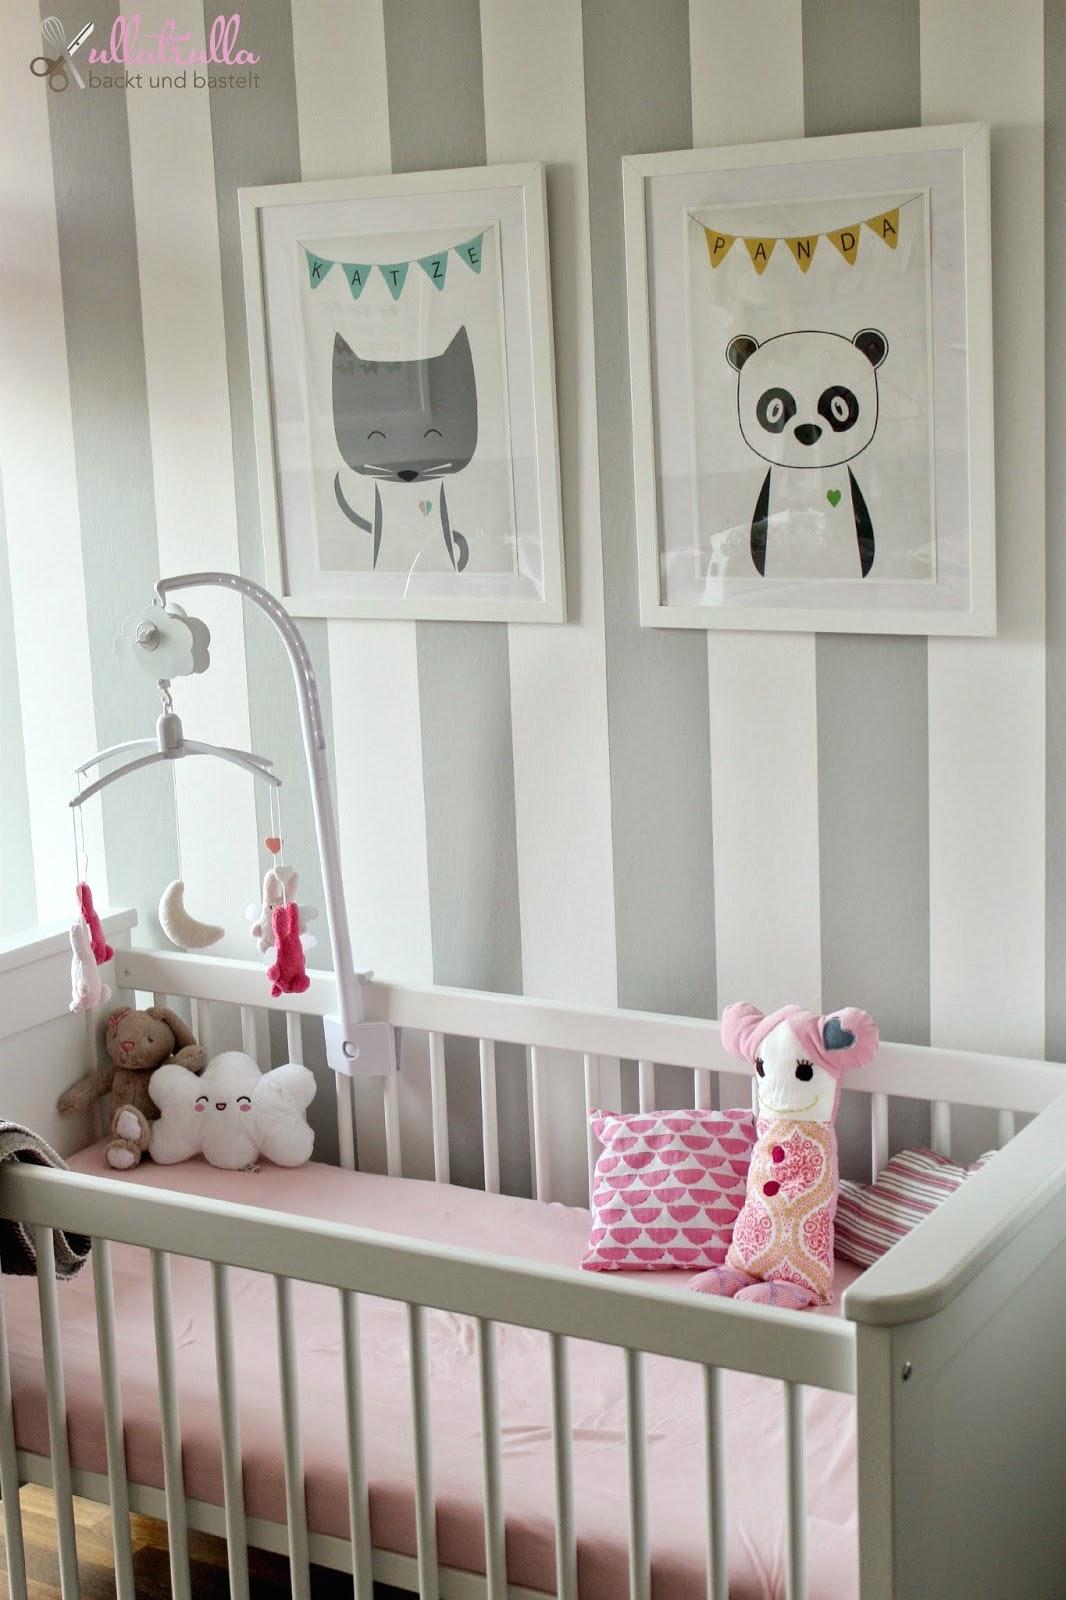 Kinderzimmer In Grau Herrlich On Andere Für Babyzimmer Graustreifen Streifen Fur Bazimmer 9